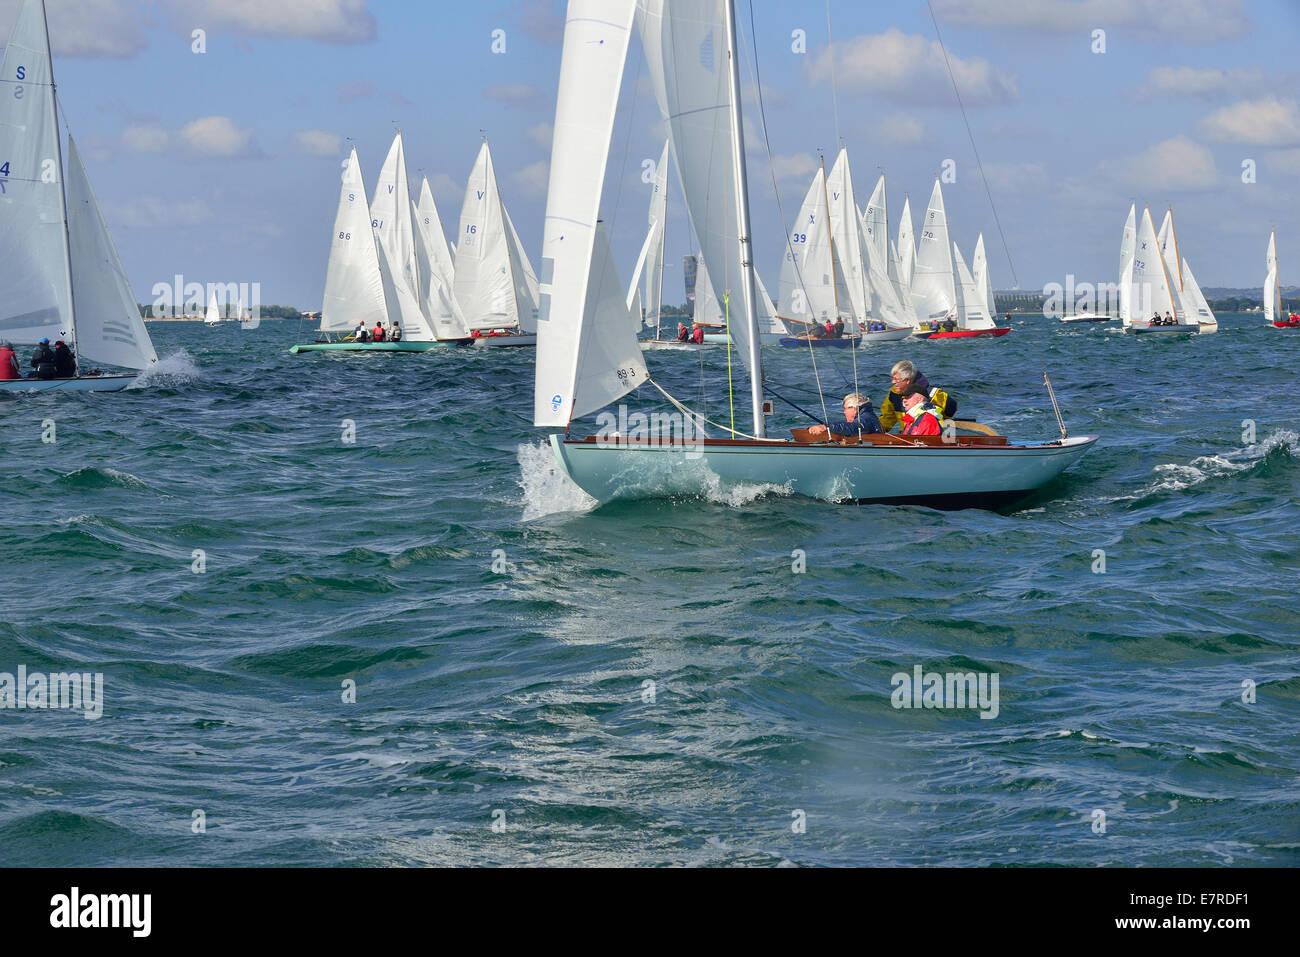 Sunbeam keel clase de barco de carreras hacia la boya de viento en la carrera de flota mixta durante Barts Bash en Chichester Harbor, Nr. Chichester, West Sussex, Inglaterra Foto de stock